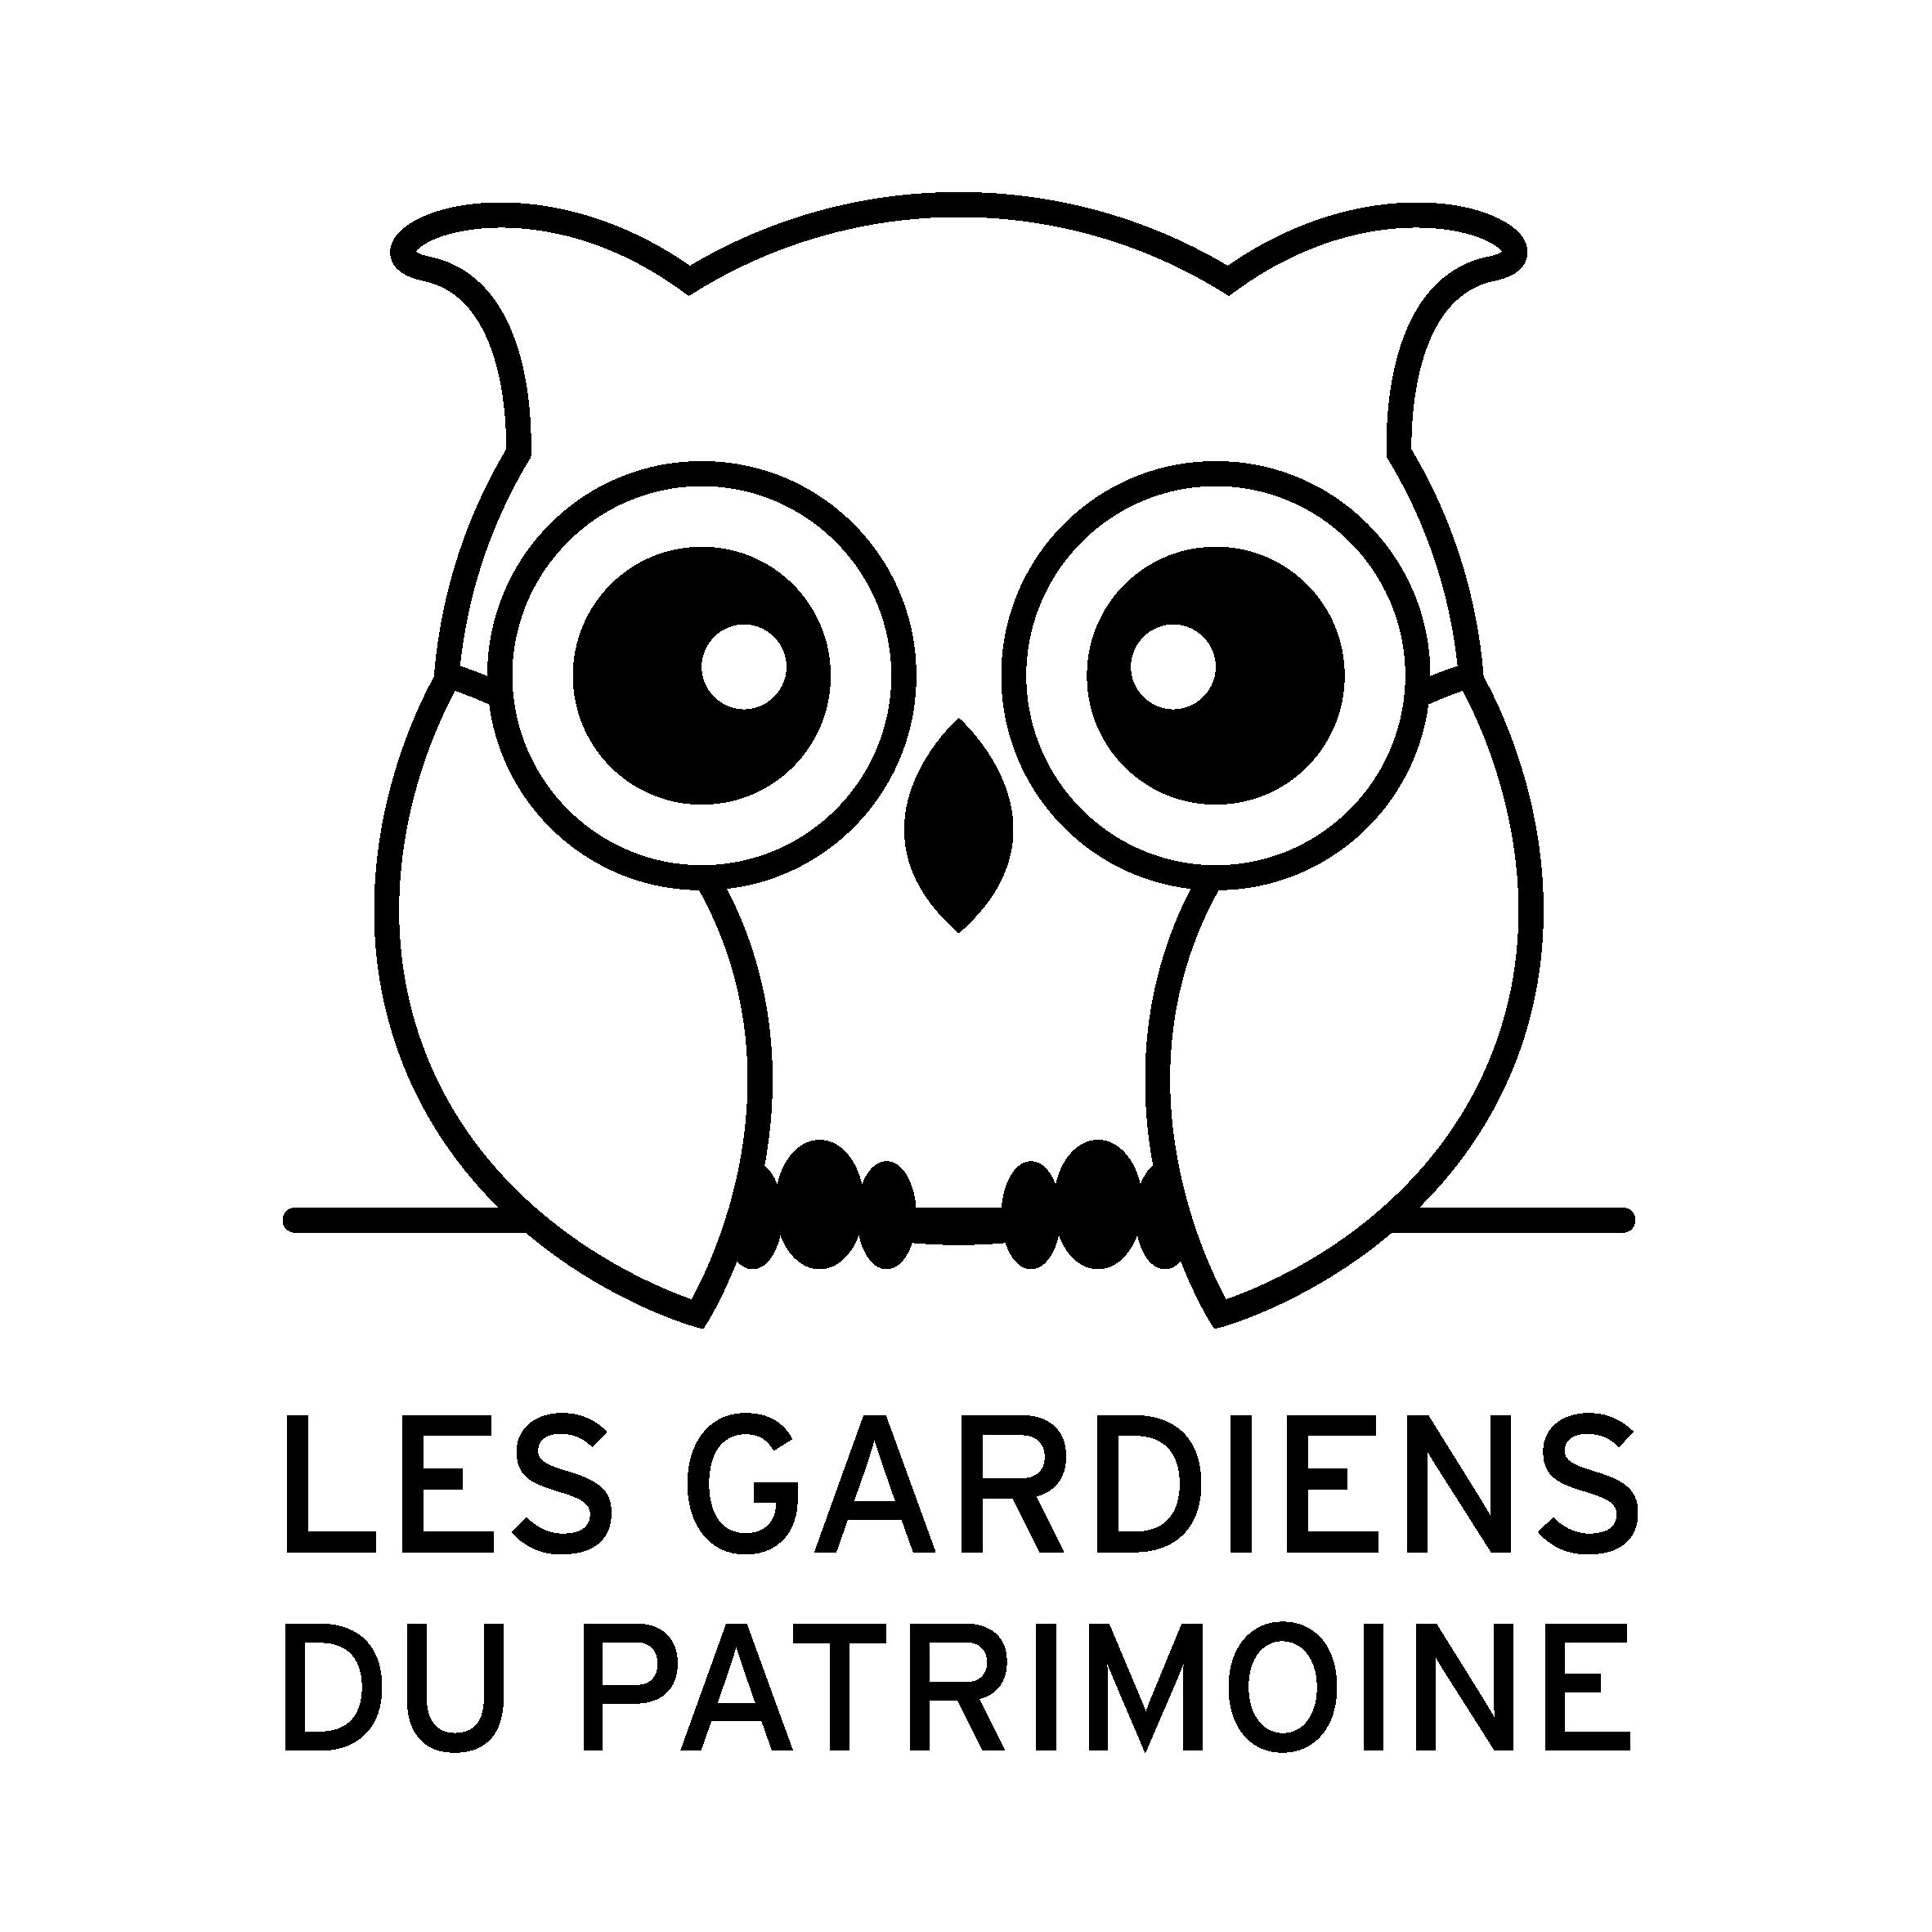 logo des gardiens du patrimoine